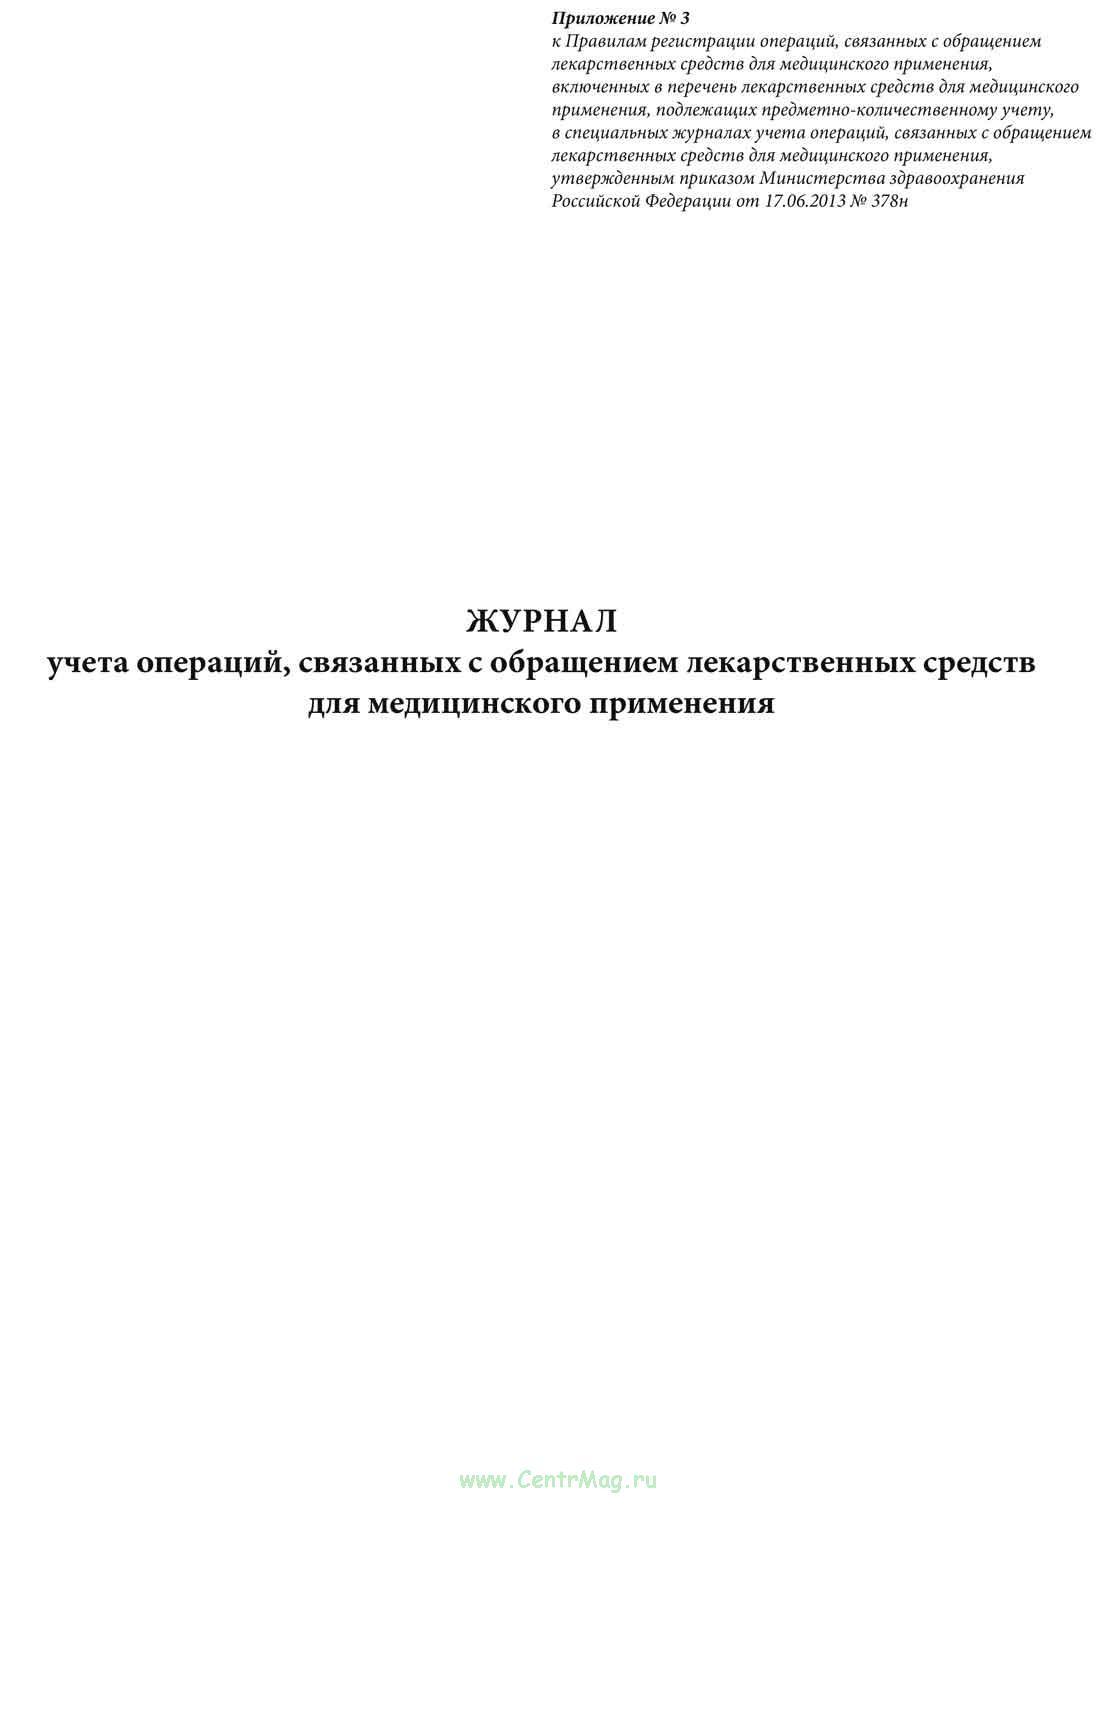 Журнал учета операций, связанных с обращением лекарственных средств для медицинского применения Приложение № 3